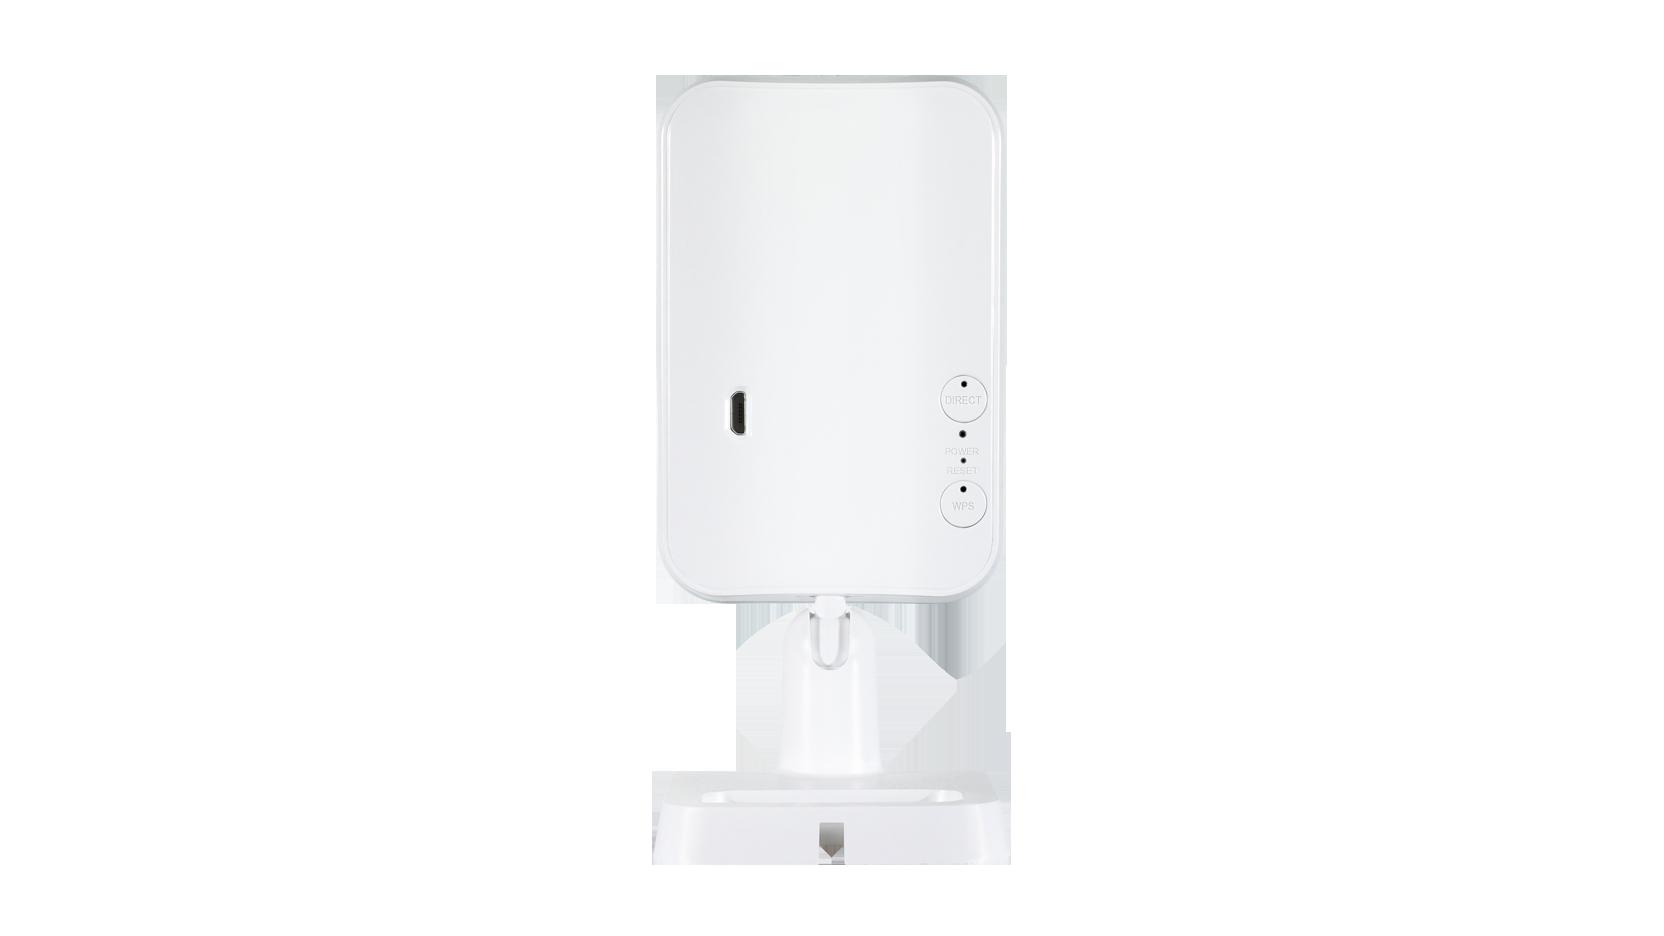 Camera de supraveghere D-Link DCS-935L myHome Monitor HD